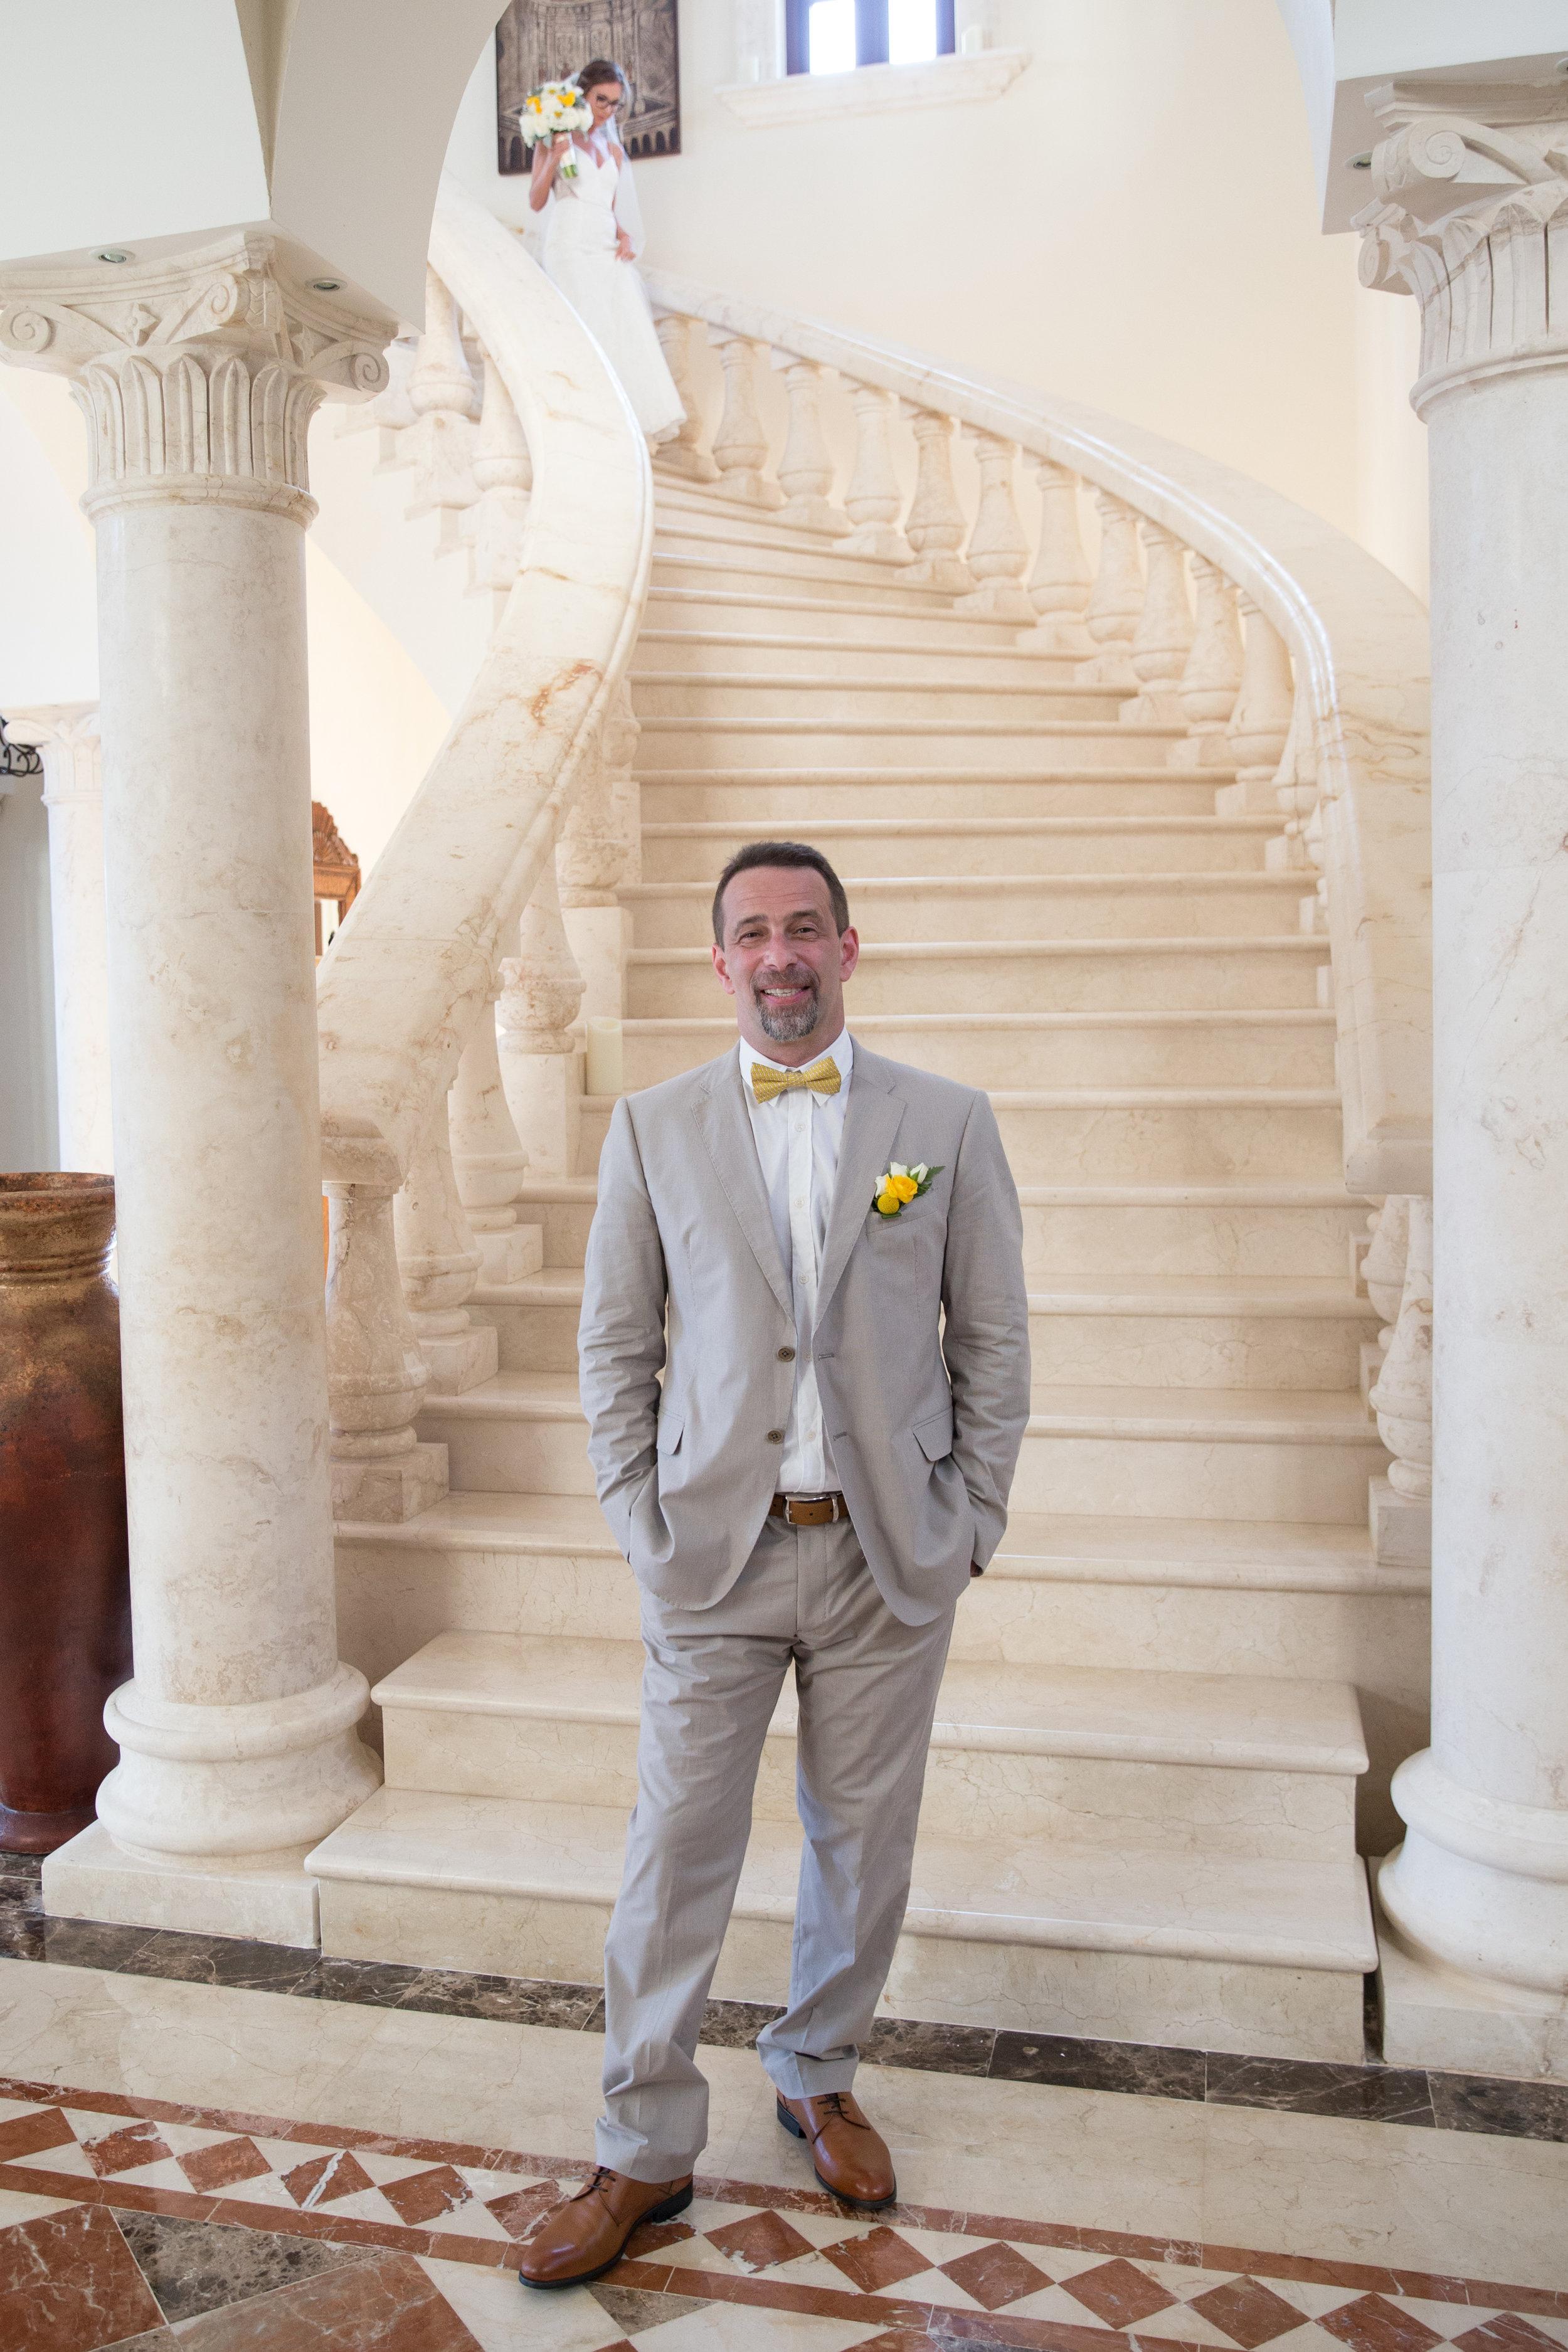 destination-wedding-venue-villa-la-joya-16.jpg